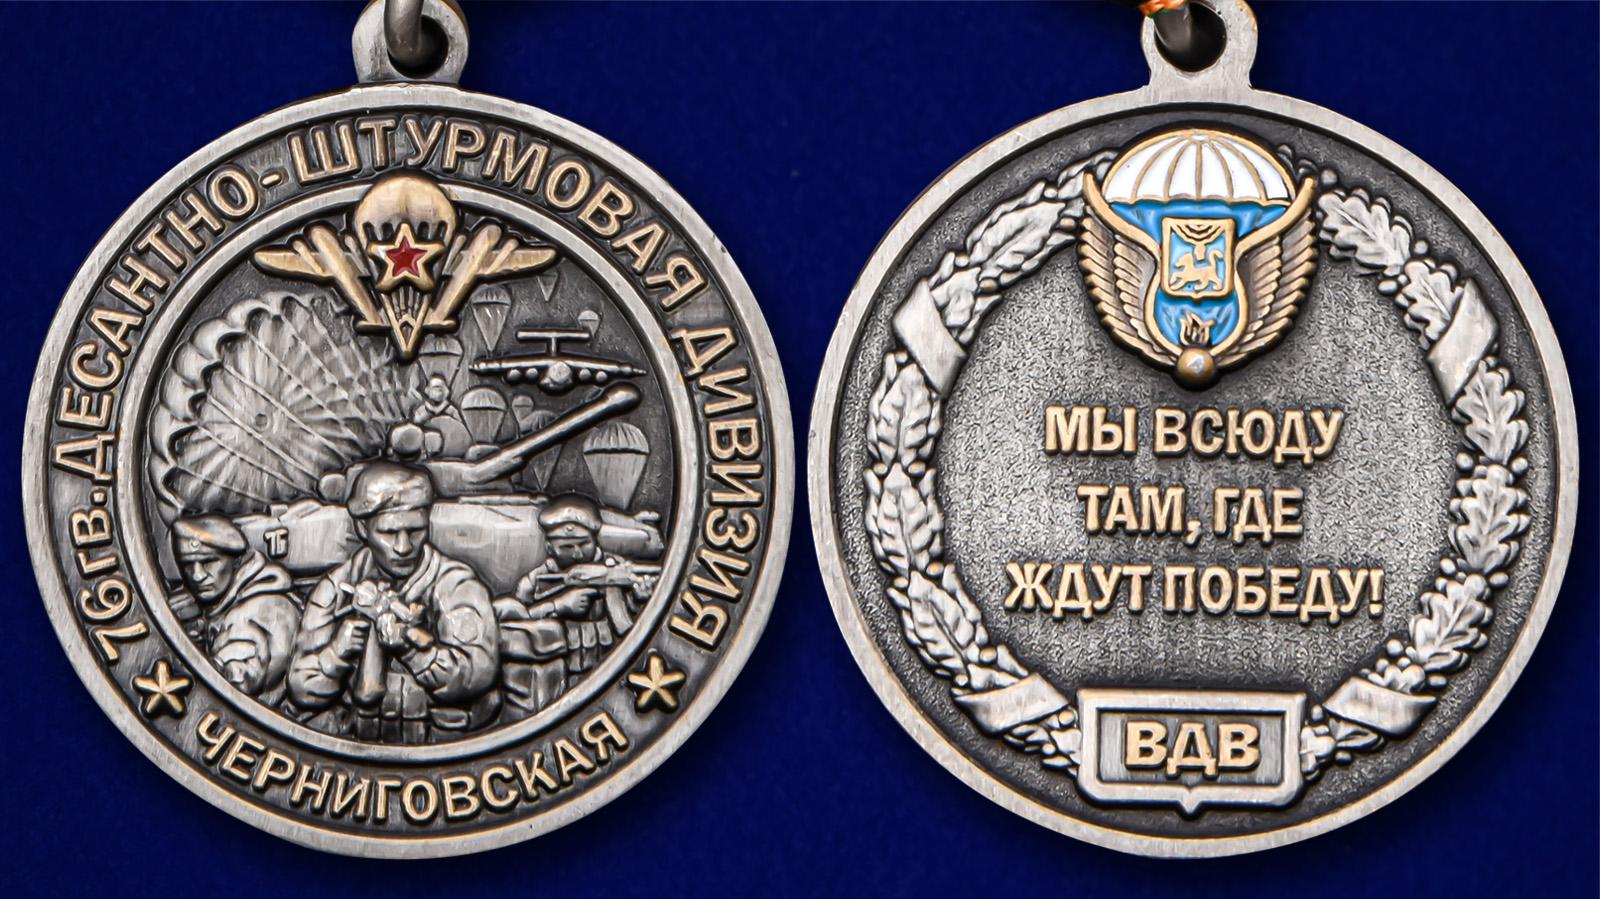 Латунная медаль 76-я гв. Десантно-штурмовая дивизия - аверс и реверс